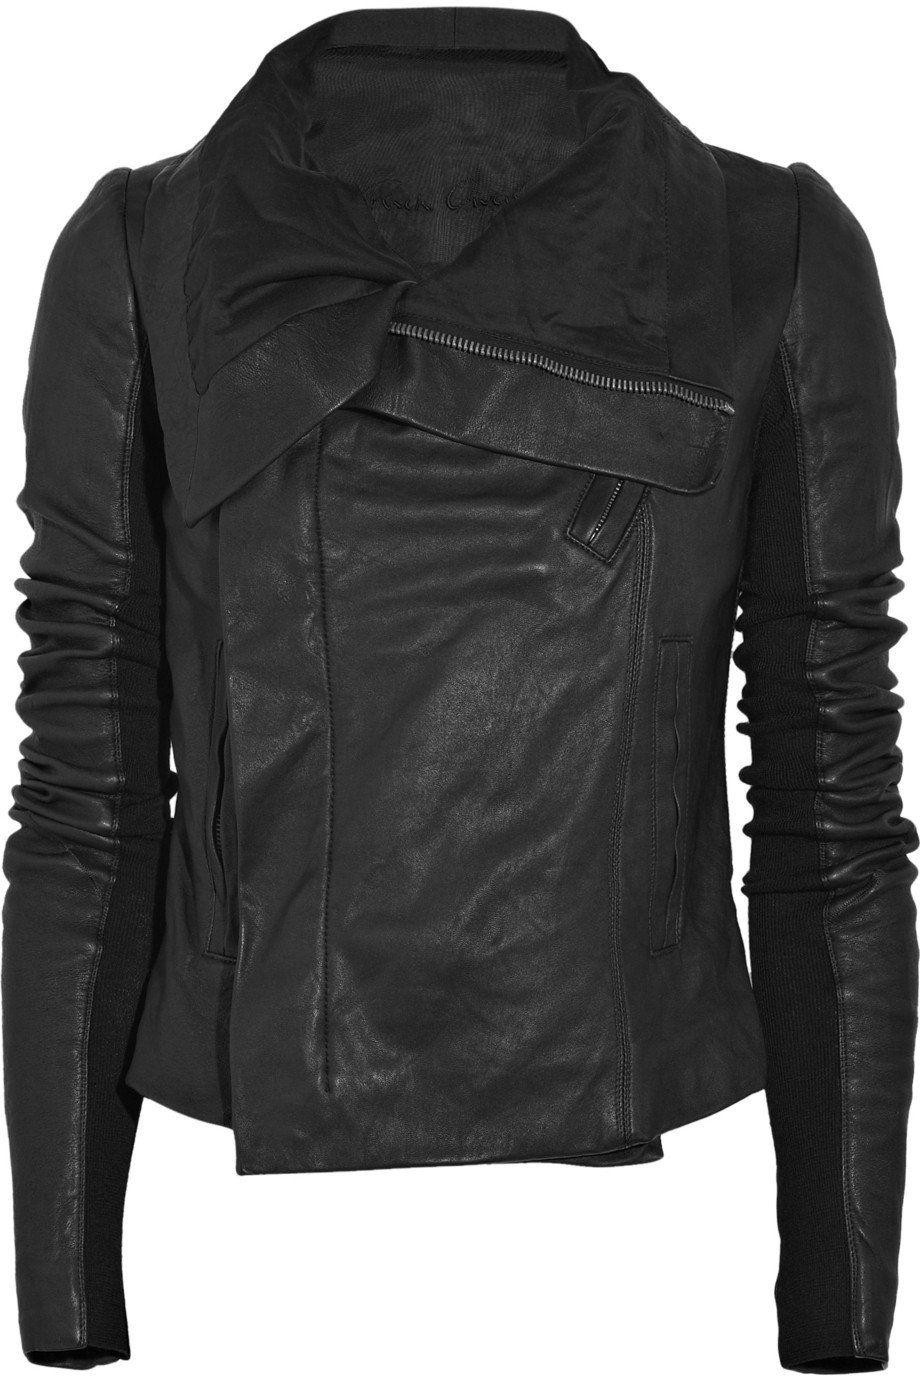 Rick Owens Leather Biker Jacket Net A Porter Com From Net A Porter Com Leather Jacket Fashion Leather Jackets Women [ 1380 x 920 Pixel ]